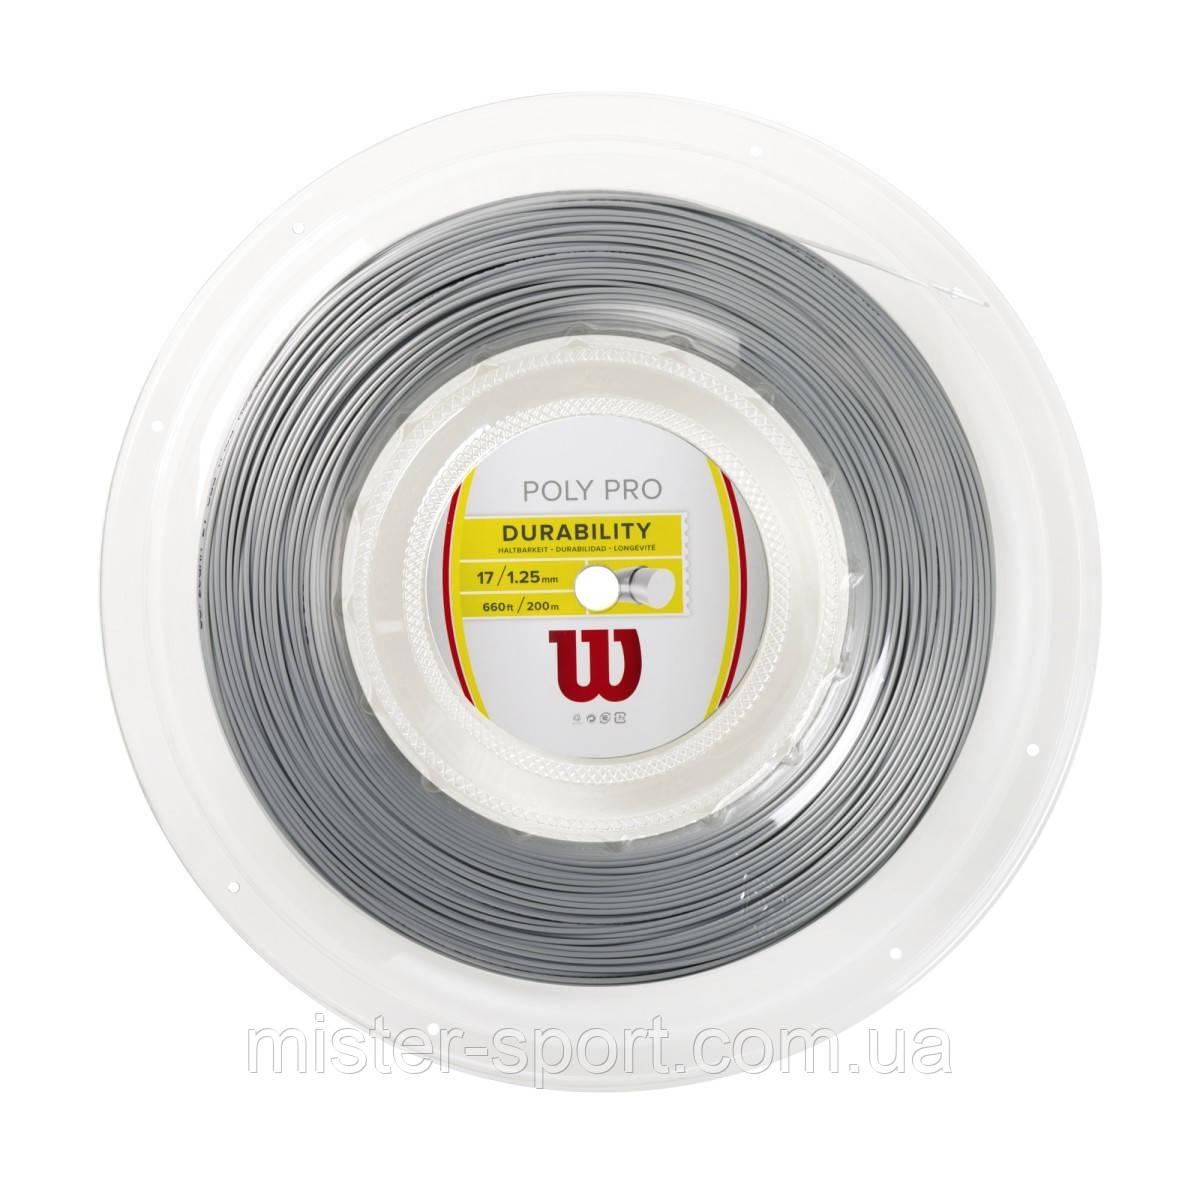 Wilson Poly Pro струны для тенниса 1.25мм/200 м. бобина серые